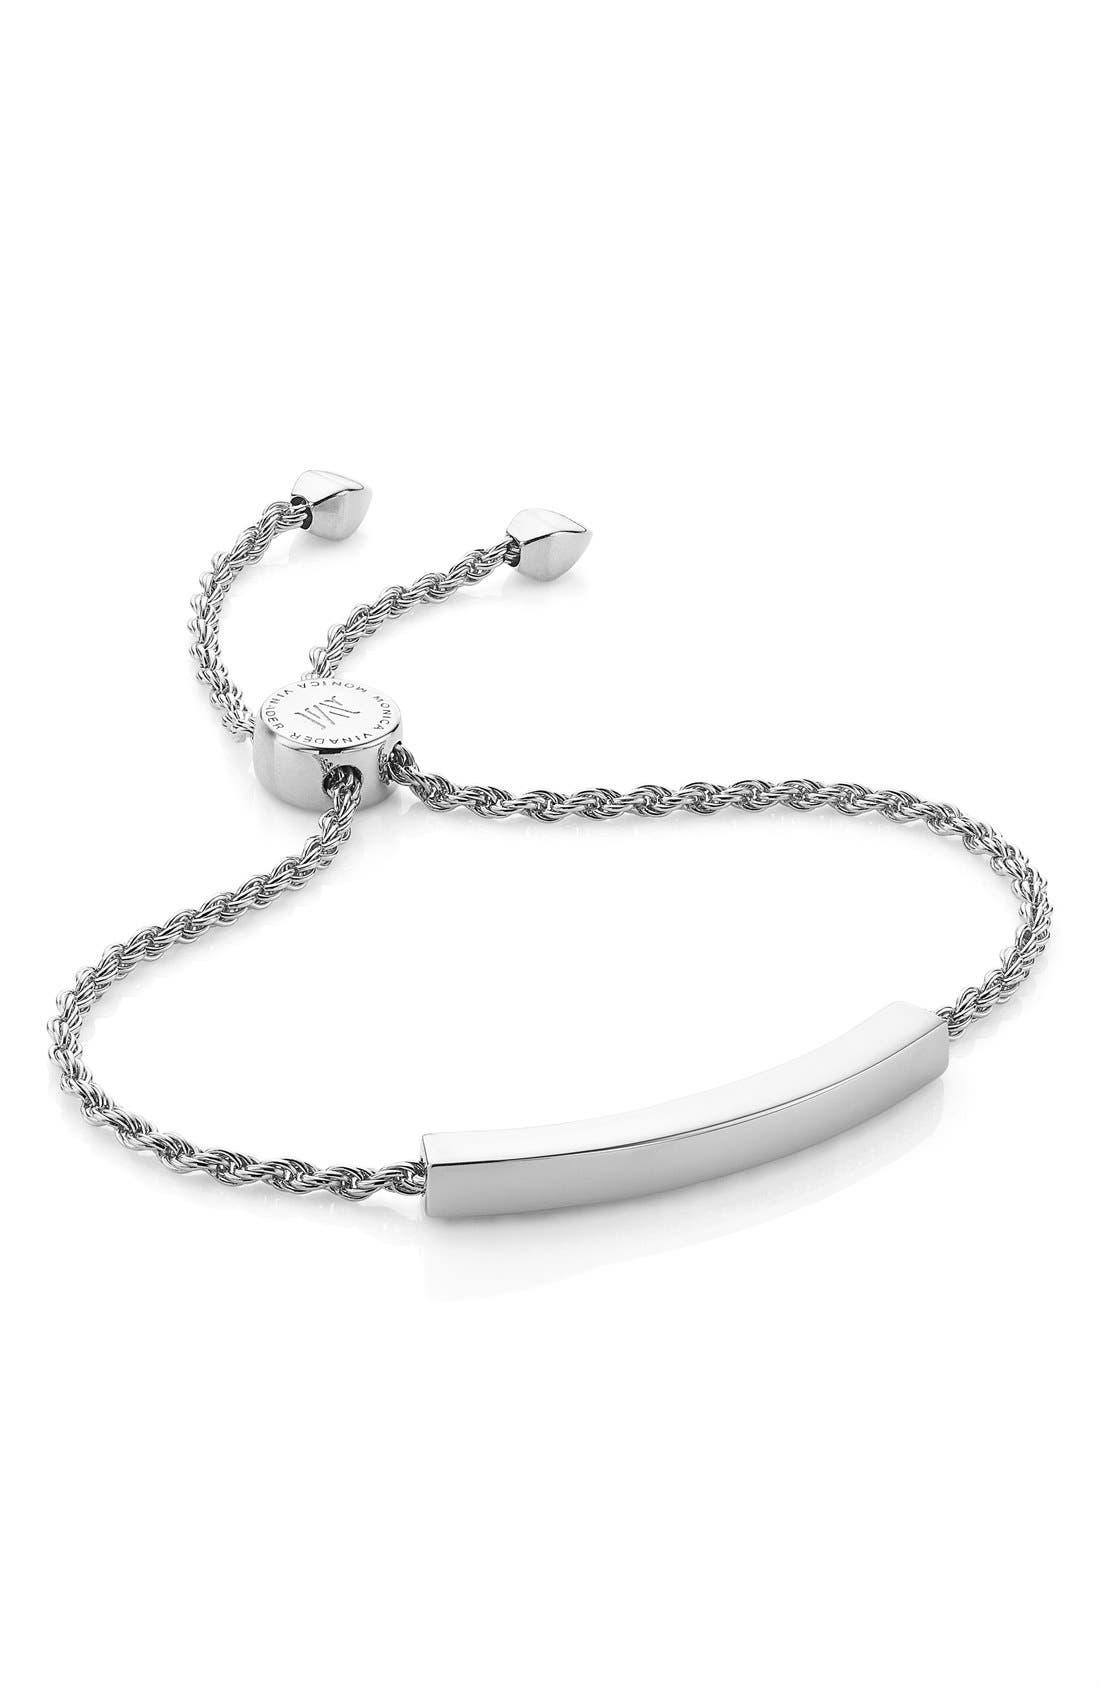 Engravable Linear Friendship Chain Bracelet,                         Main,                         color, SILVER